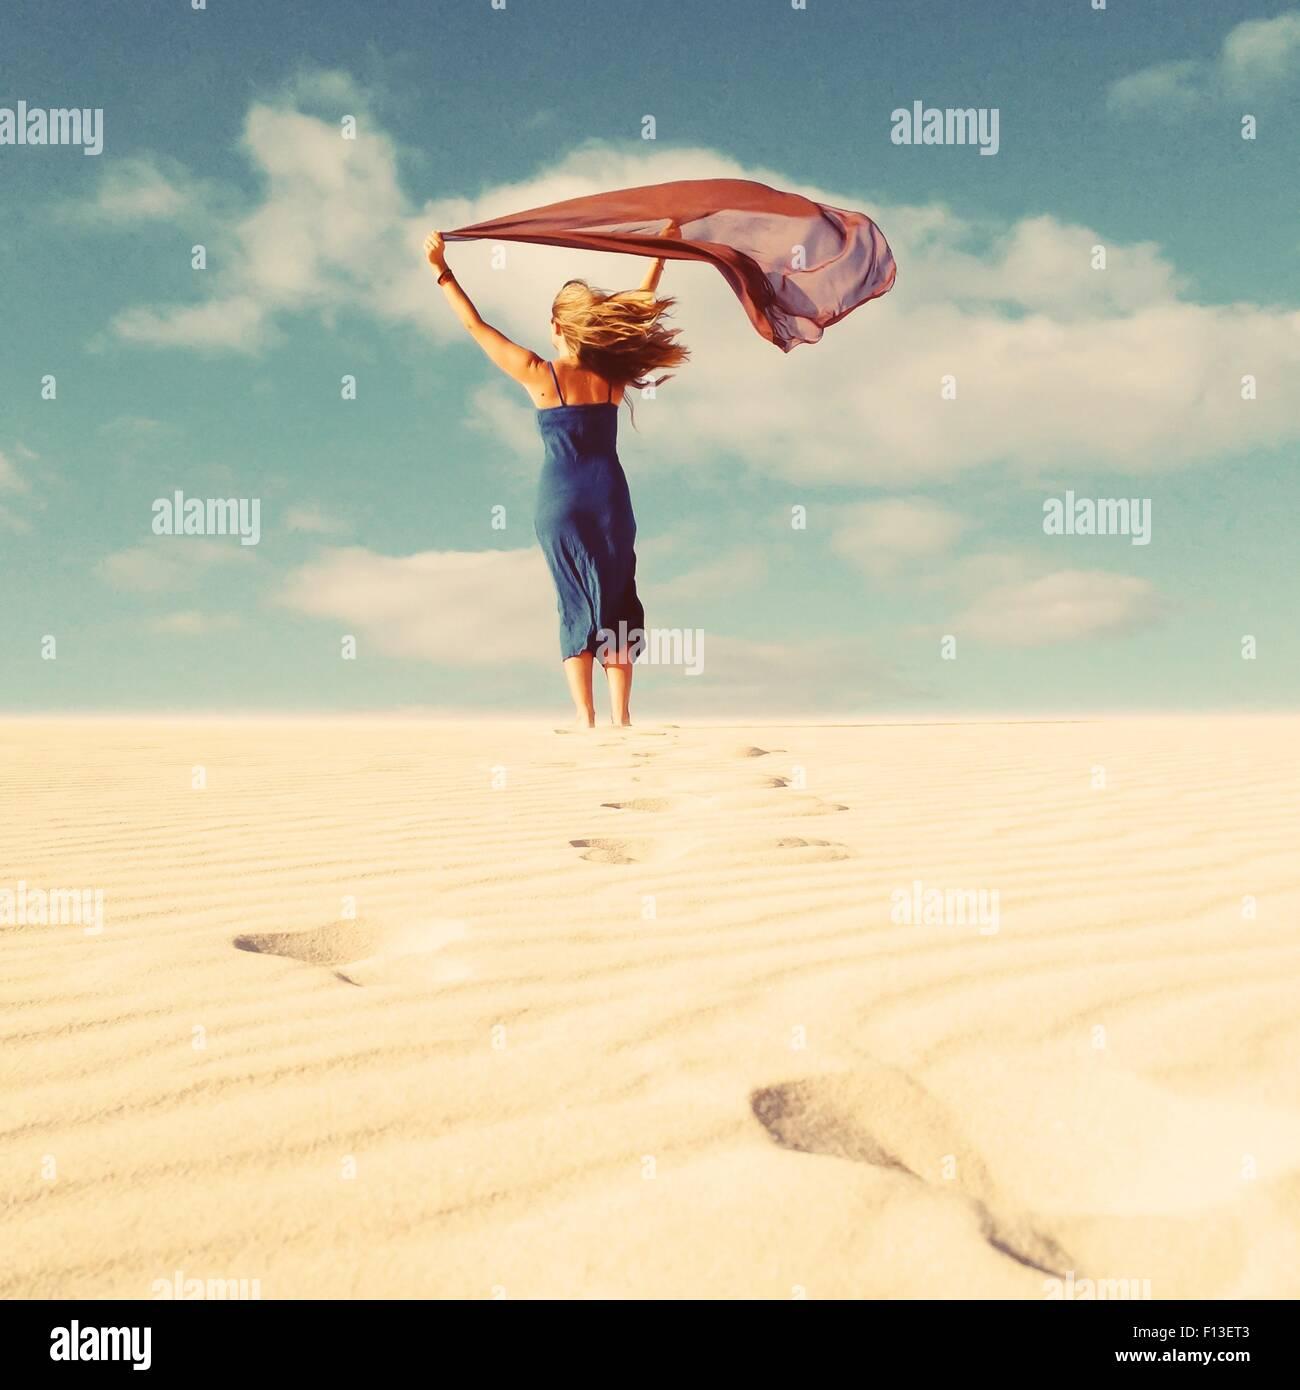 Vista trasera de una mujer sosteniendo un pañuelo que está soplando en el viento Imagen De Stock